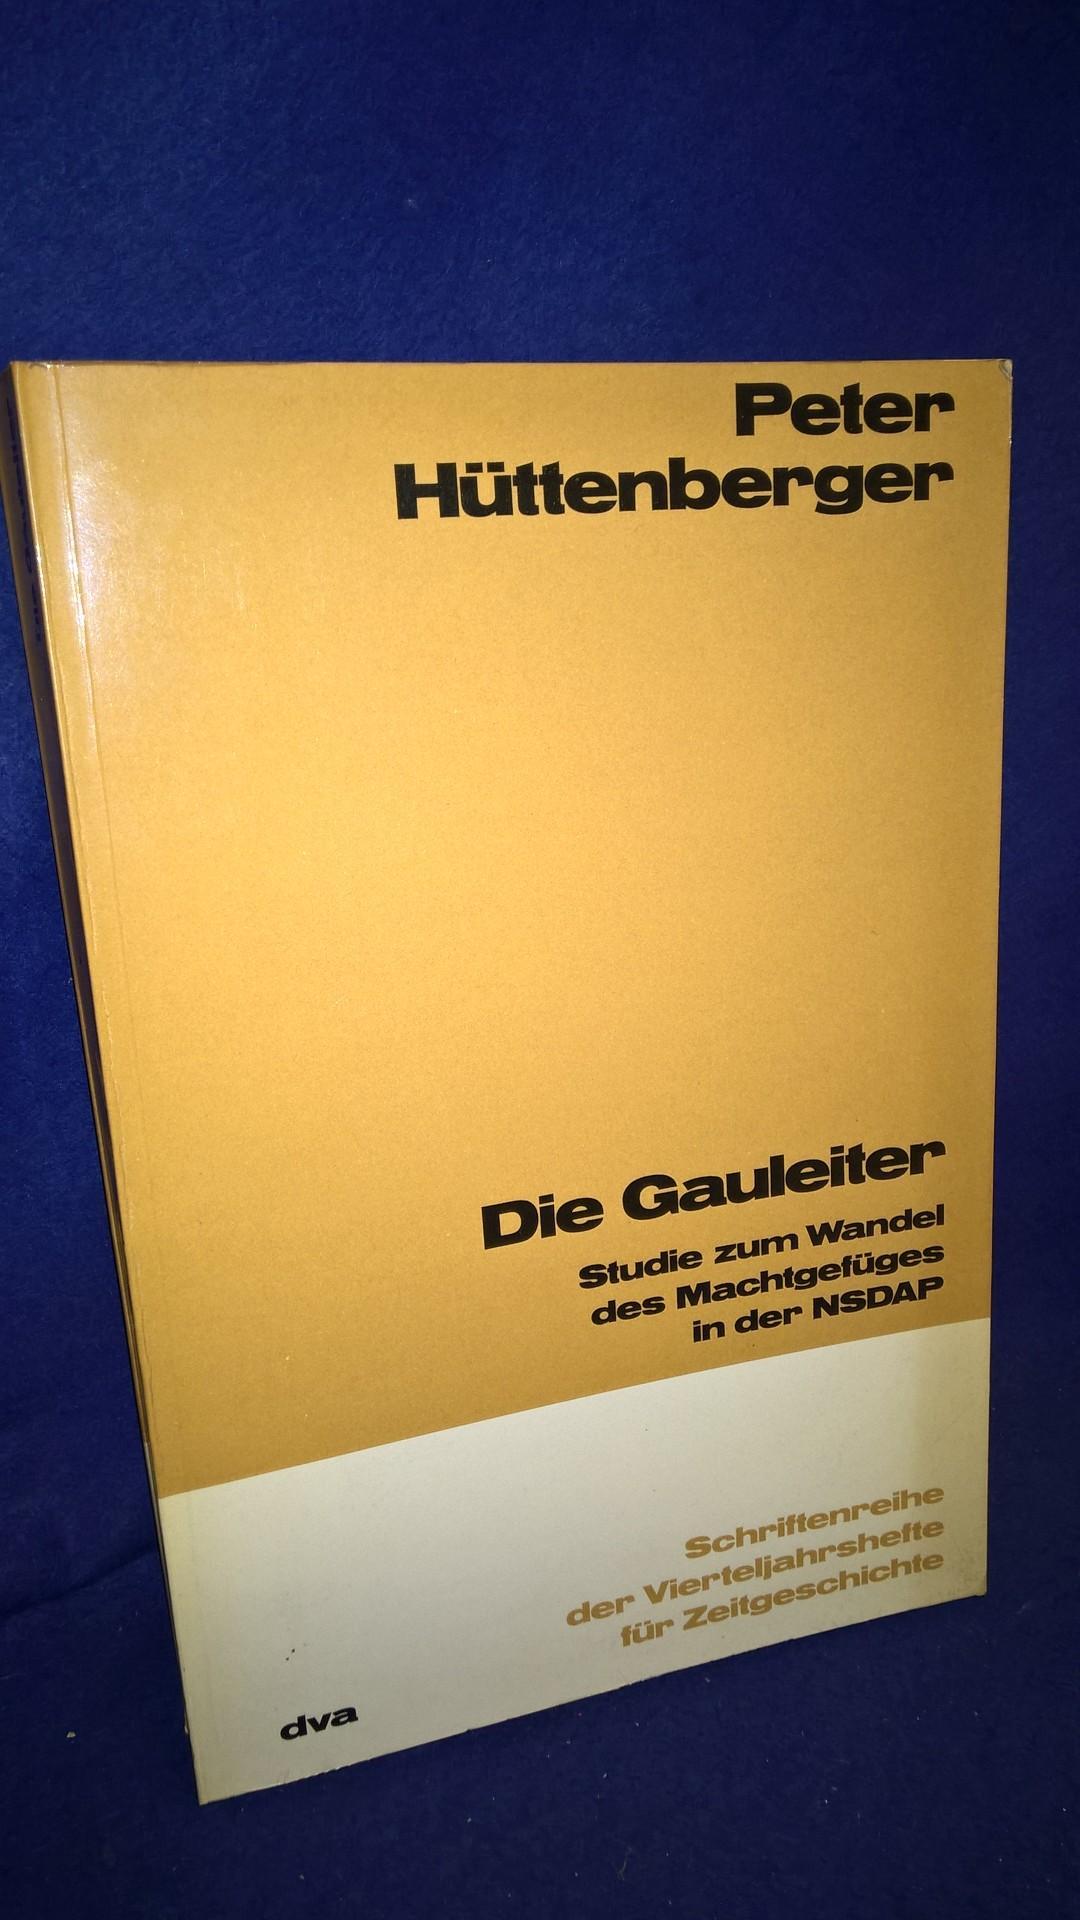 Die Gauleiter. Studie zum Wandel des Machtgefüges in der NSDAP.